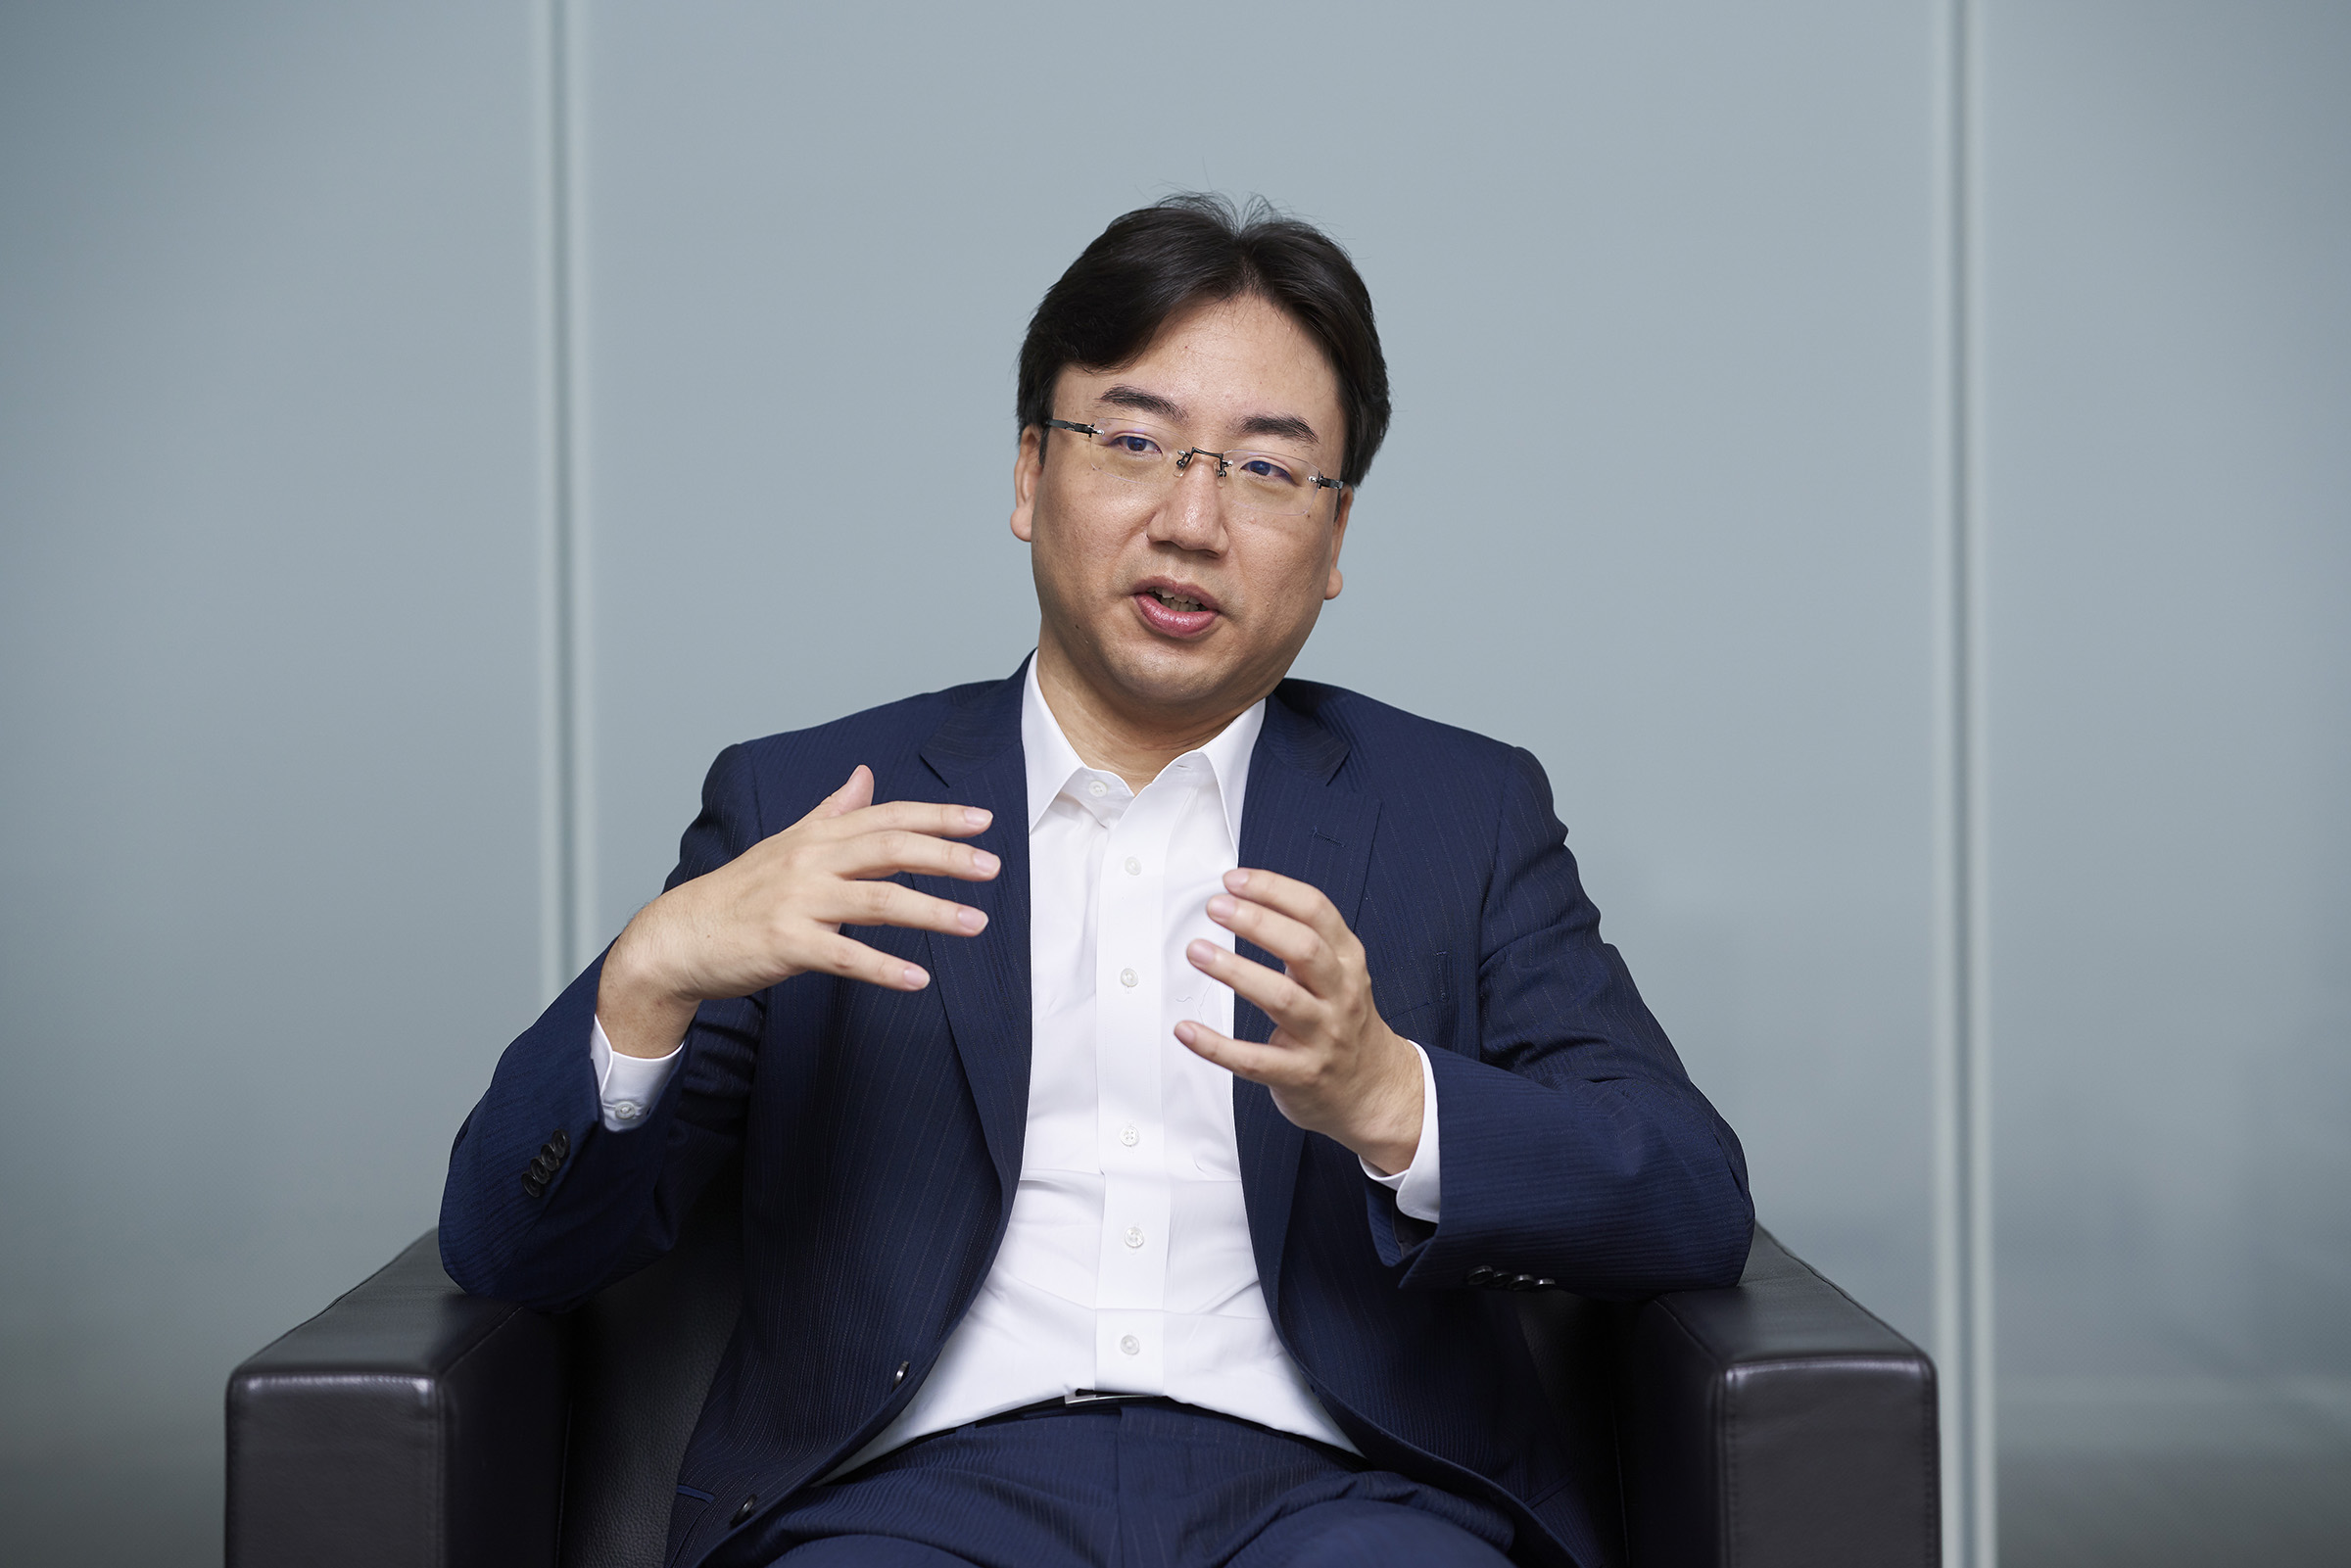 Η Nintendo λέει ότι η Switch παραγωγή θα επιστρέψει στο φυσιολογικό αυτό το καλοκαίρι